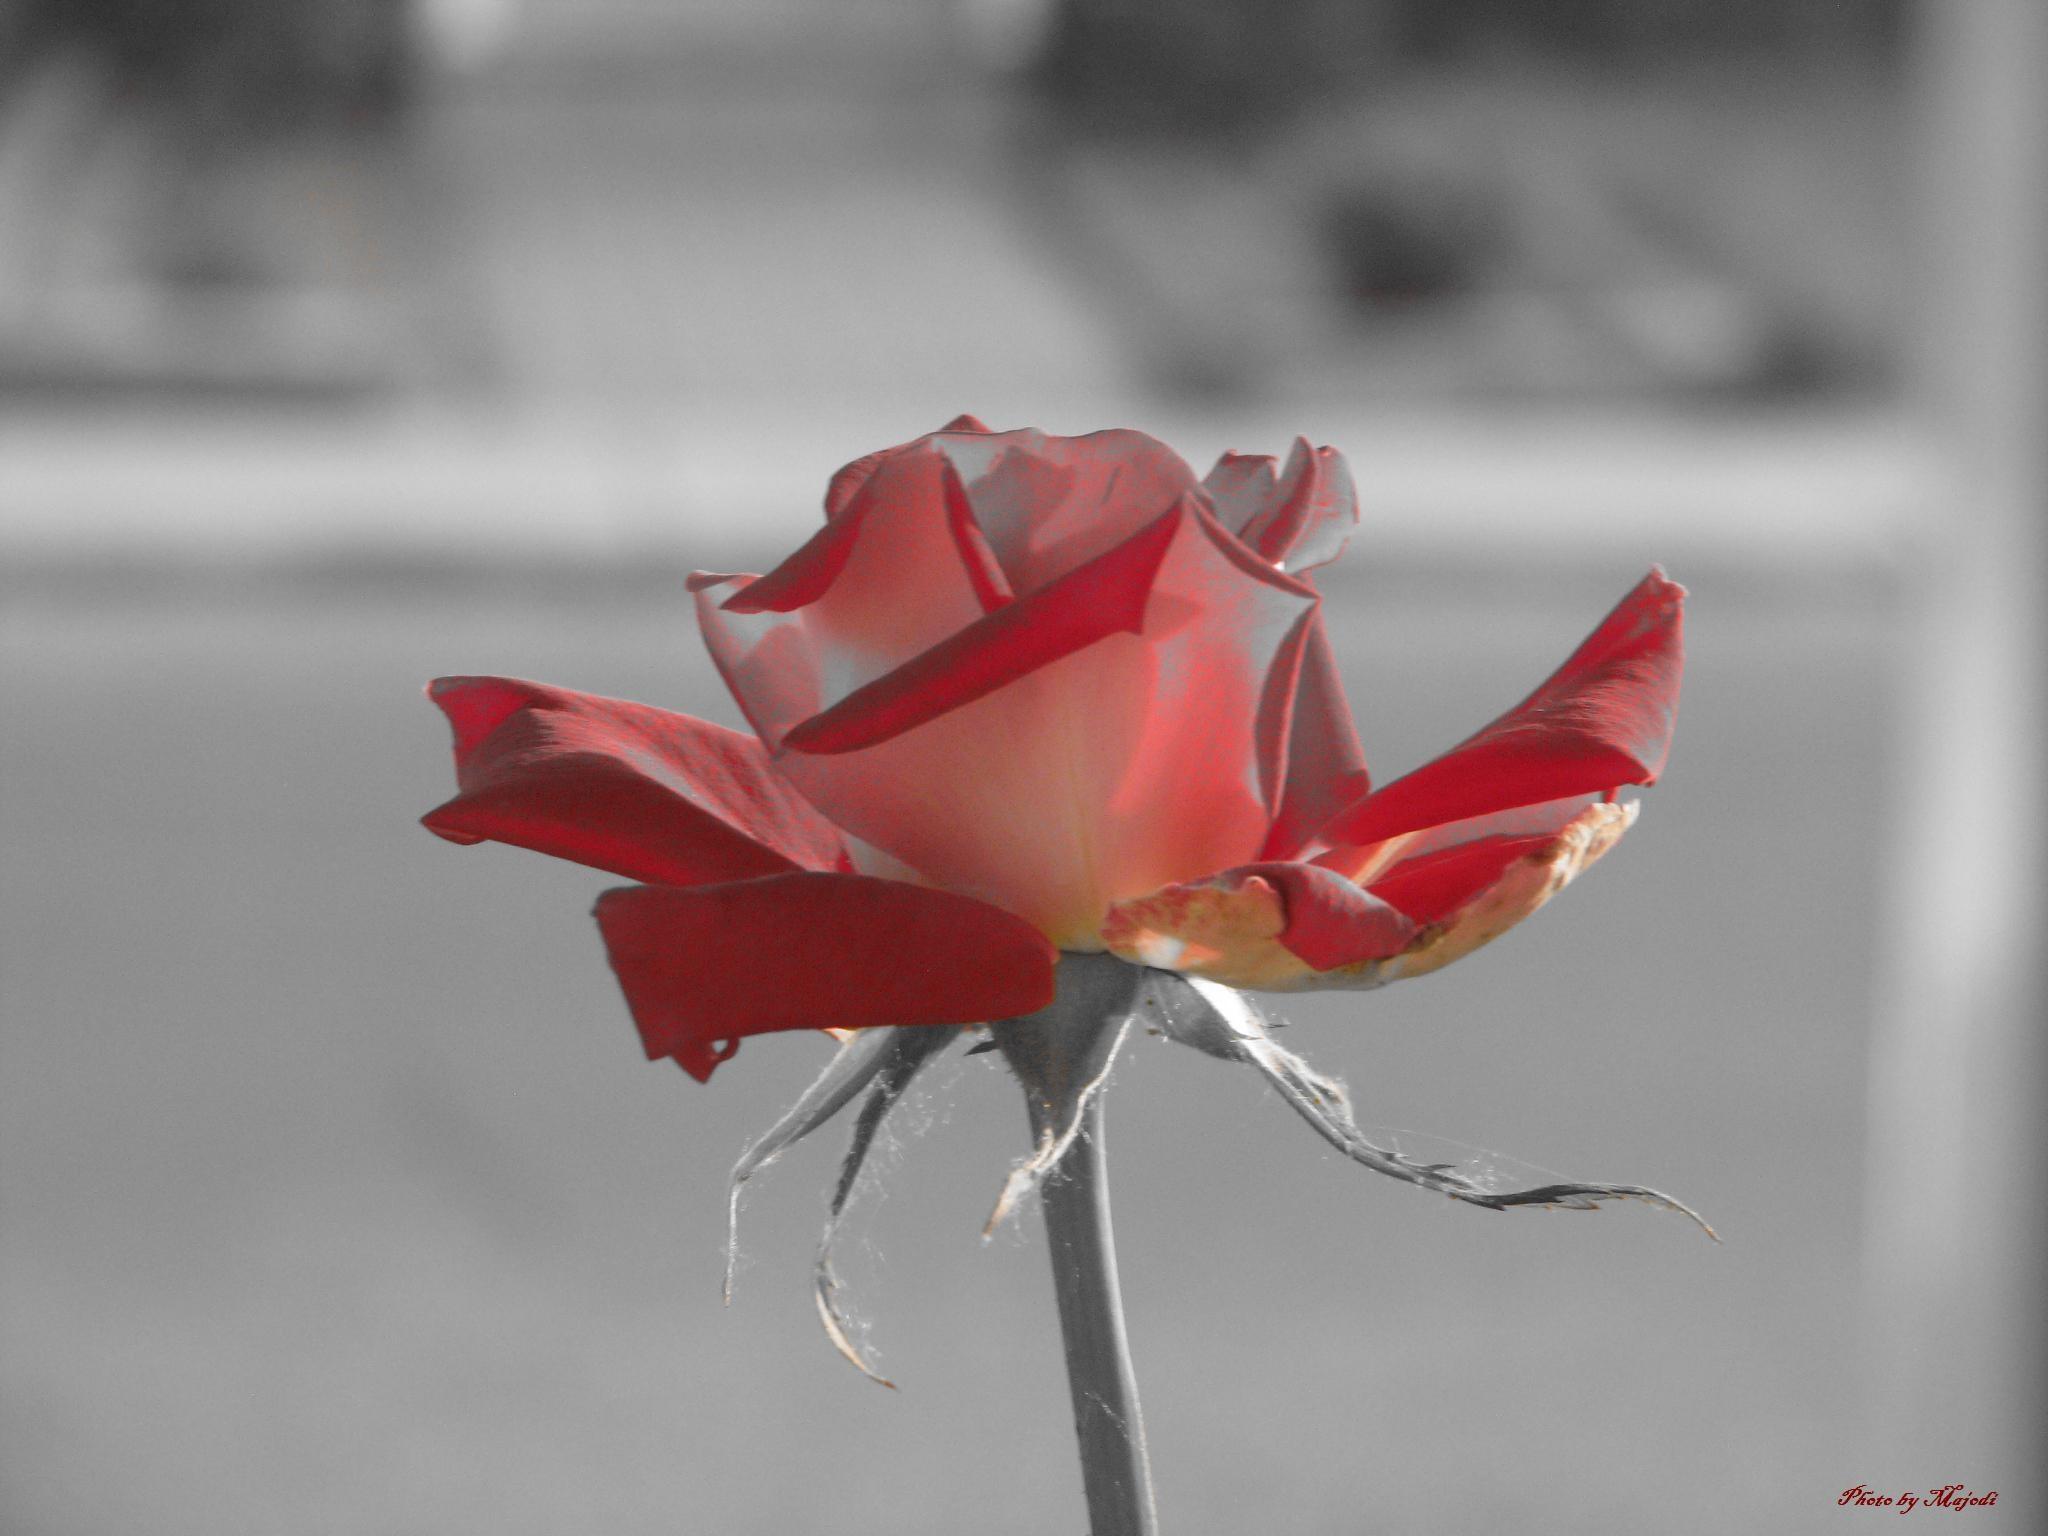 A Rose  by Majodi